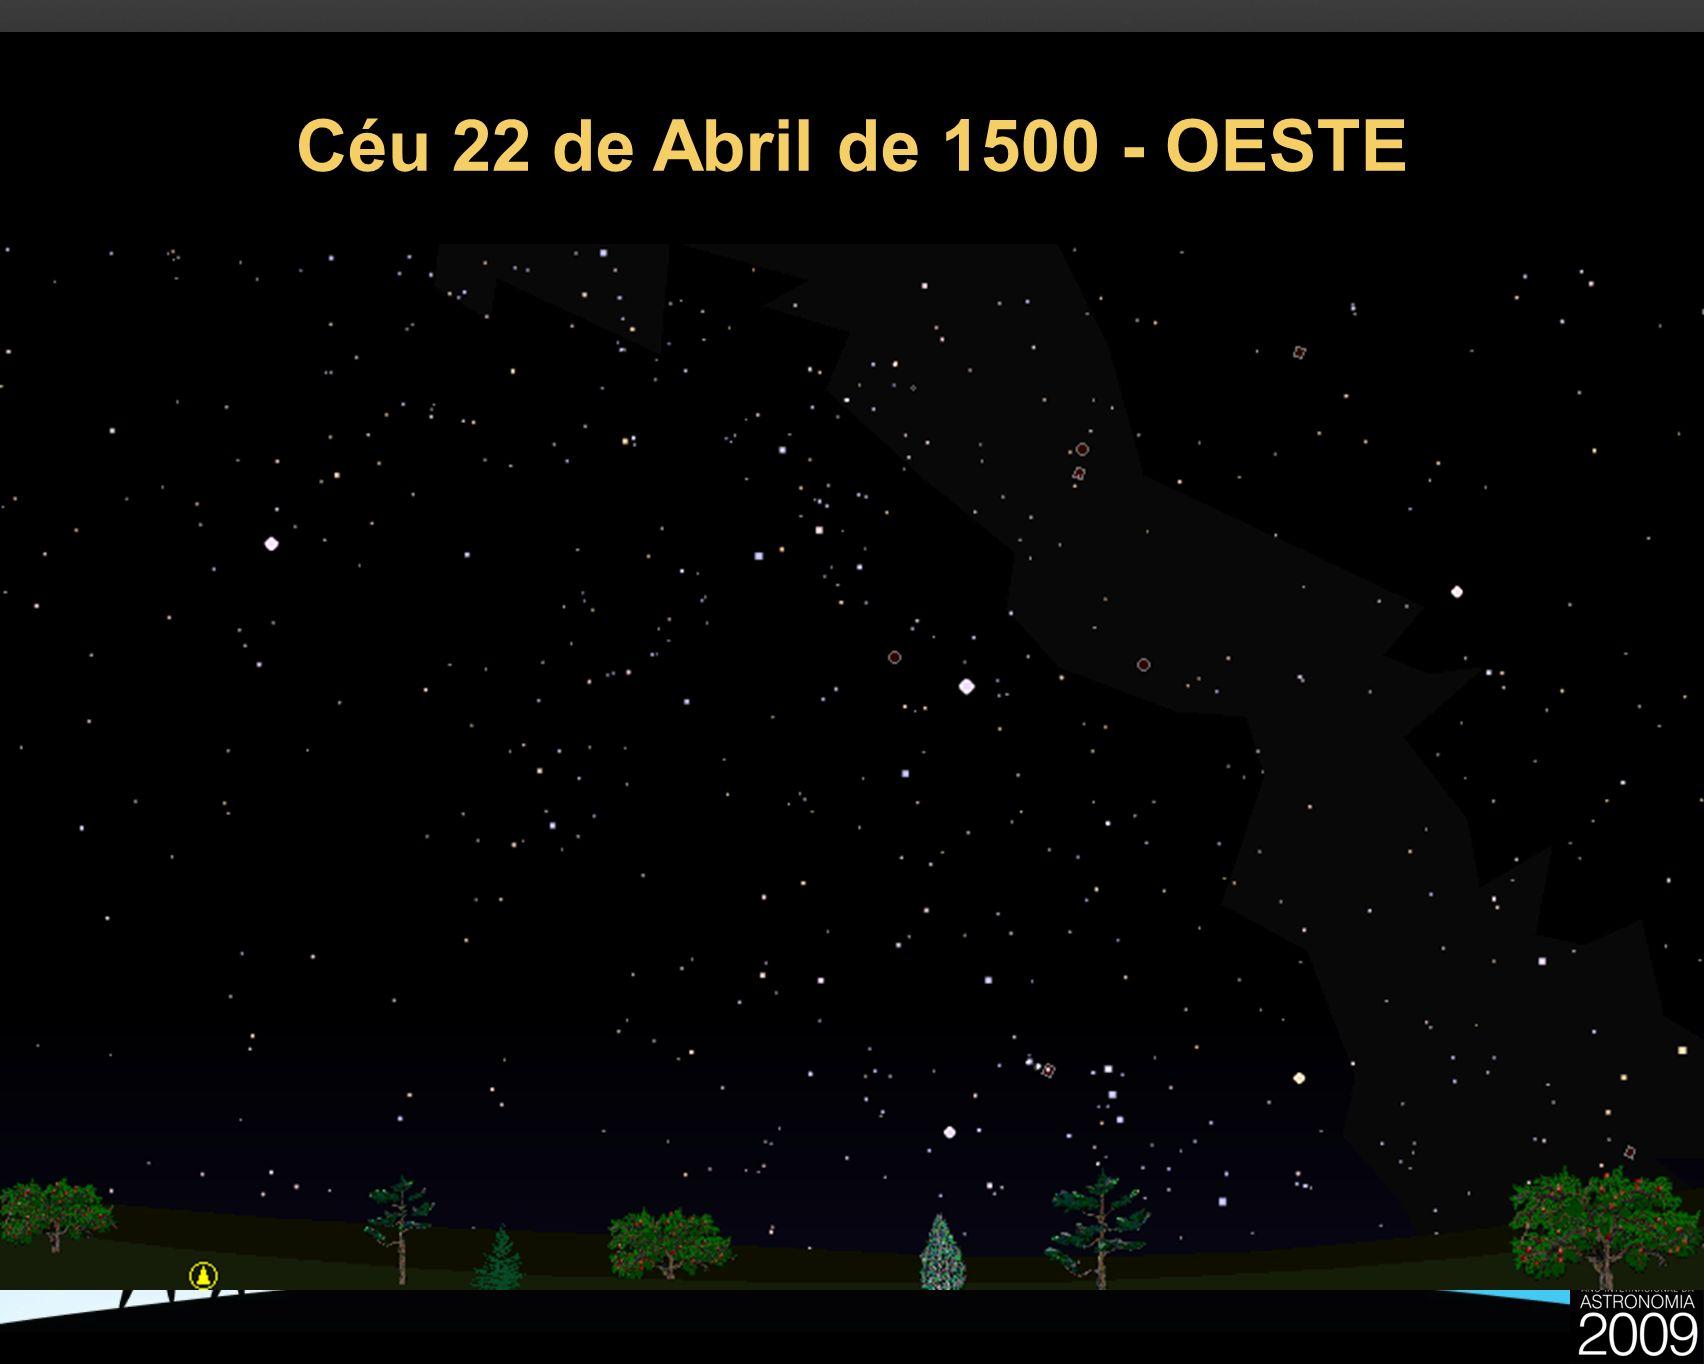 Céu 22 de Abril de 1500 - OESTE